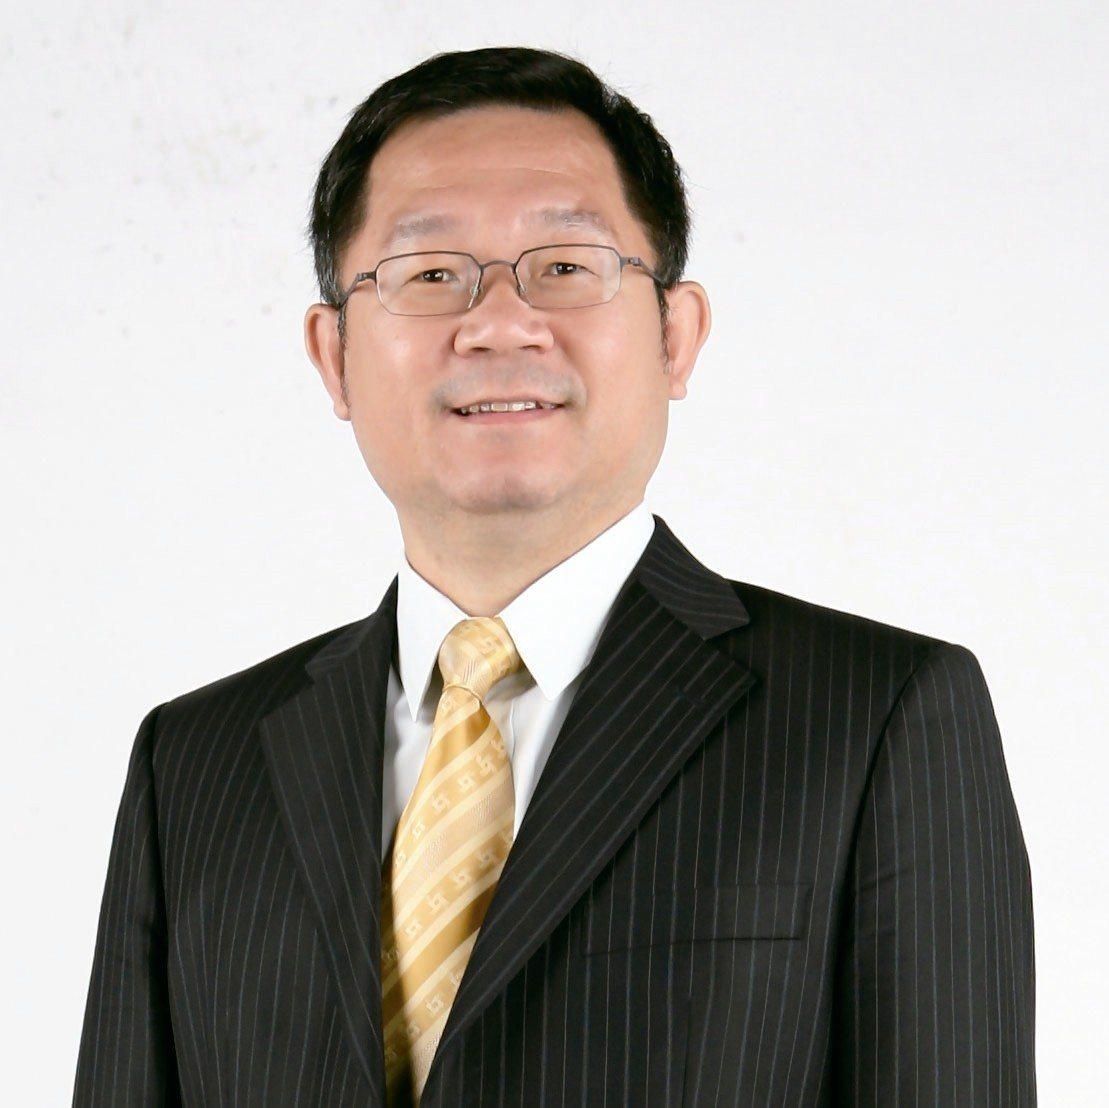 品豐大中華投顧資深分析師連乾文